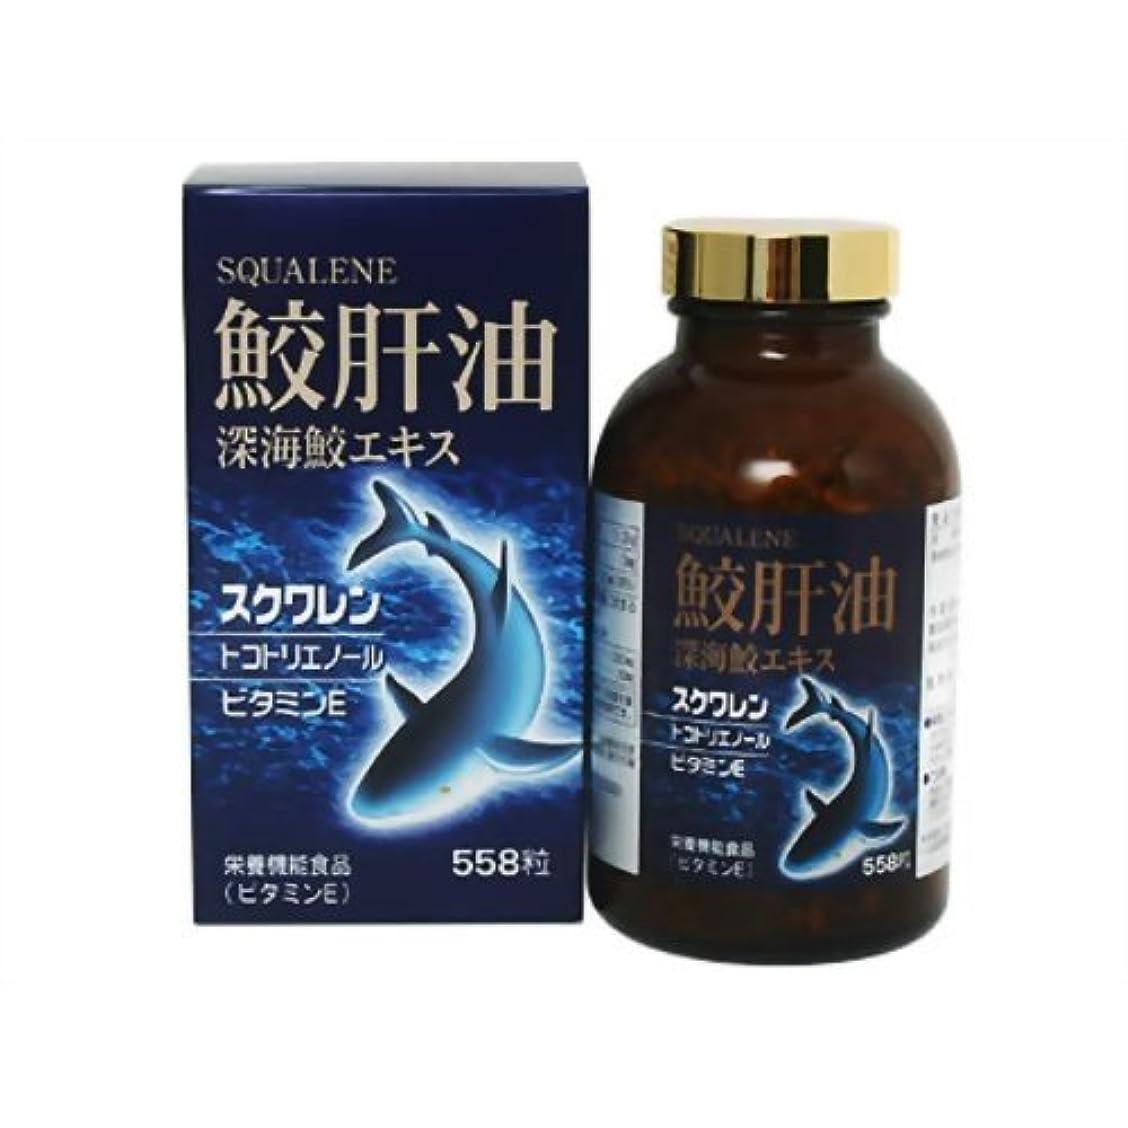 反抗ブラウスアナログ鮫肝油 深海鮫エキス 558粒